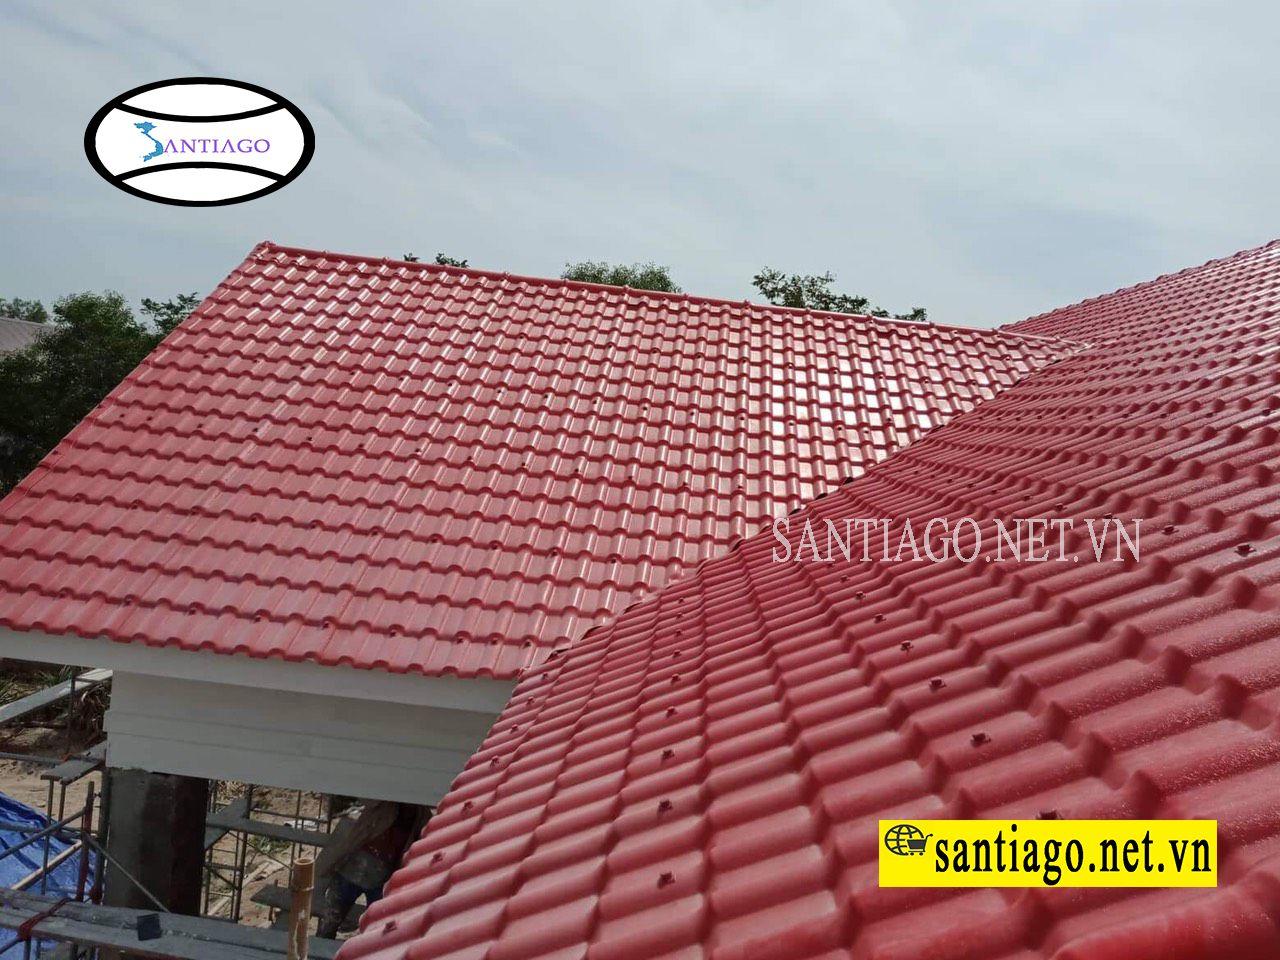 nhà lợp ngói nhựa màu đỏ